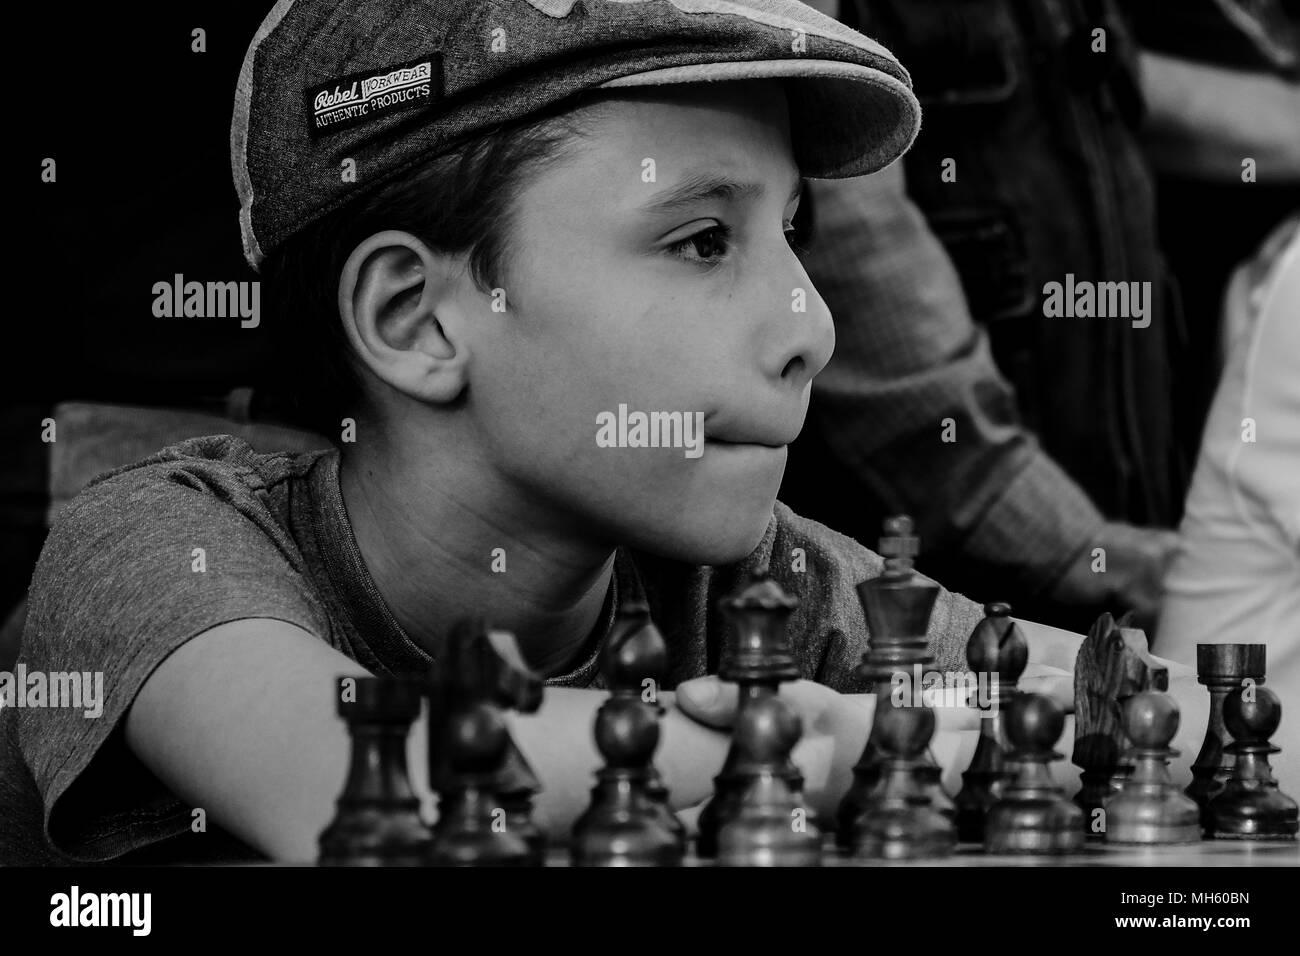 """Jerusalén, Israel. El 30 de abril, 2018. Los jóvenes jugadores de ajedrez esperan la apertura de un juego de ajedrez contra Anatoly Yevgenyevich Karpov, de 66 años, el gran maestro de ajedrez ruso o Viswanathan """"Vishy"""" Anand, de 49 años, gran maestro internacional de ajedrez indio, acerca de jugar al ajedrez contra decenas de jóvenes israelíes champions simultáneamente a la Puerta de Jaffa, en el marco de Israel el 70º festejos del Día de Independencia. Crédito: Alon Nir/Alamy Live News Foto de stock"""